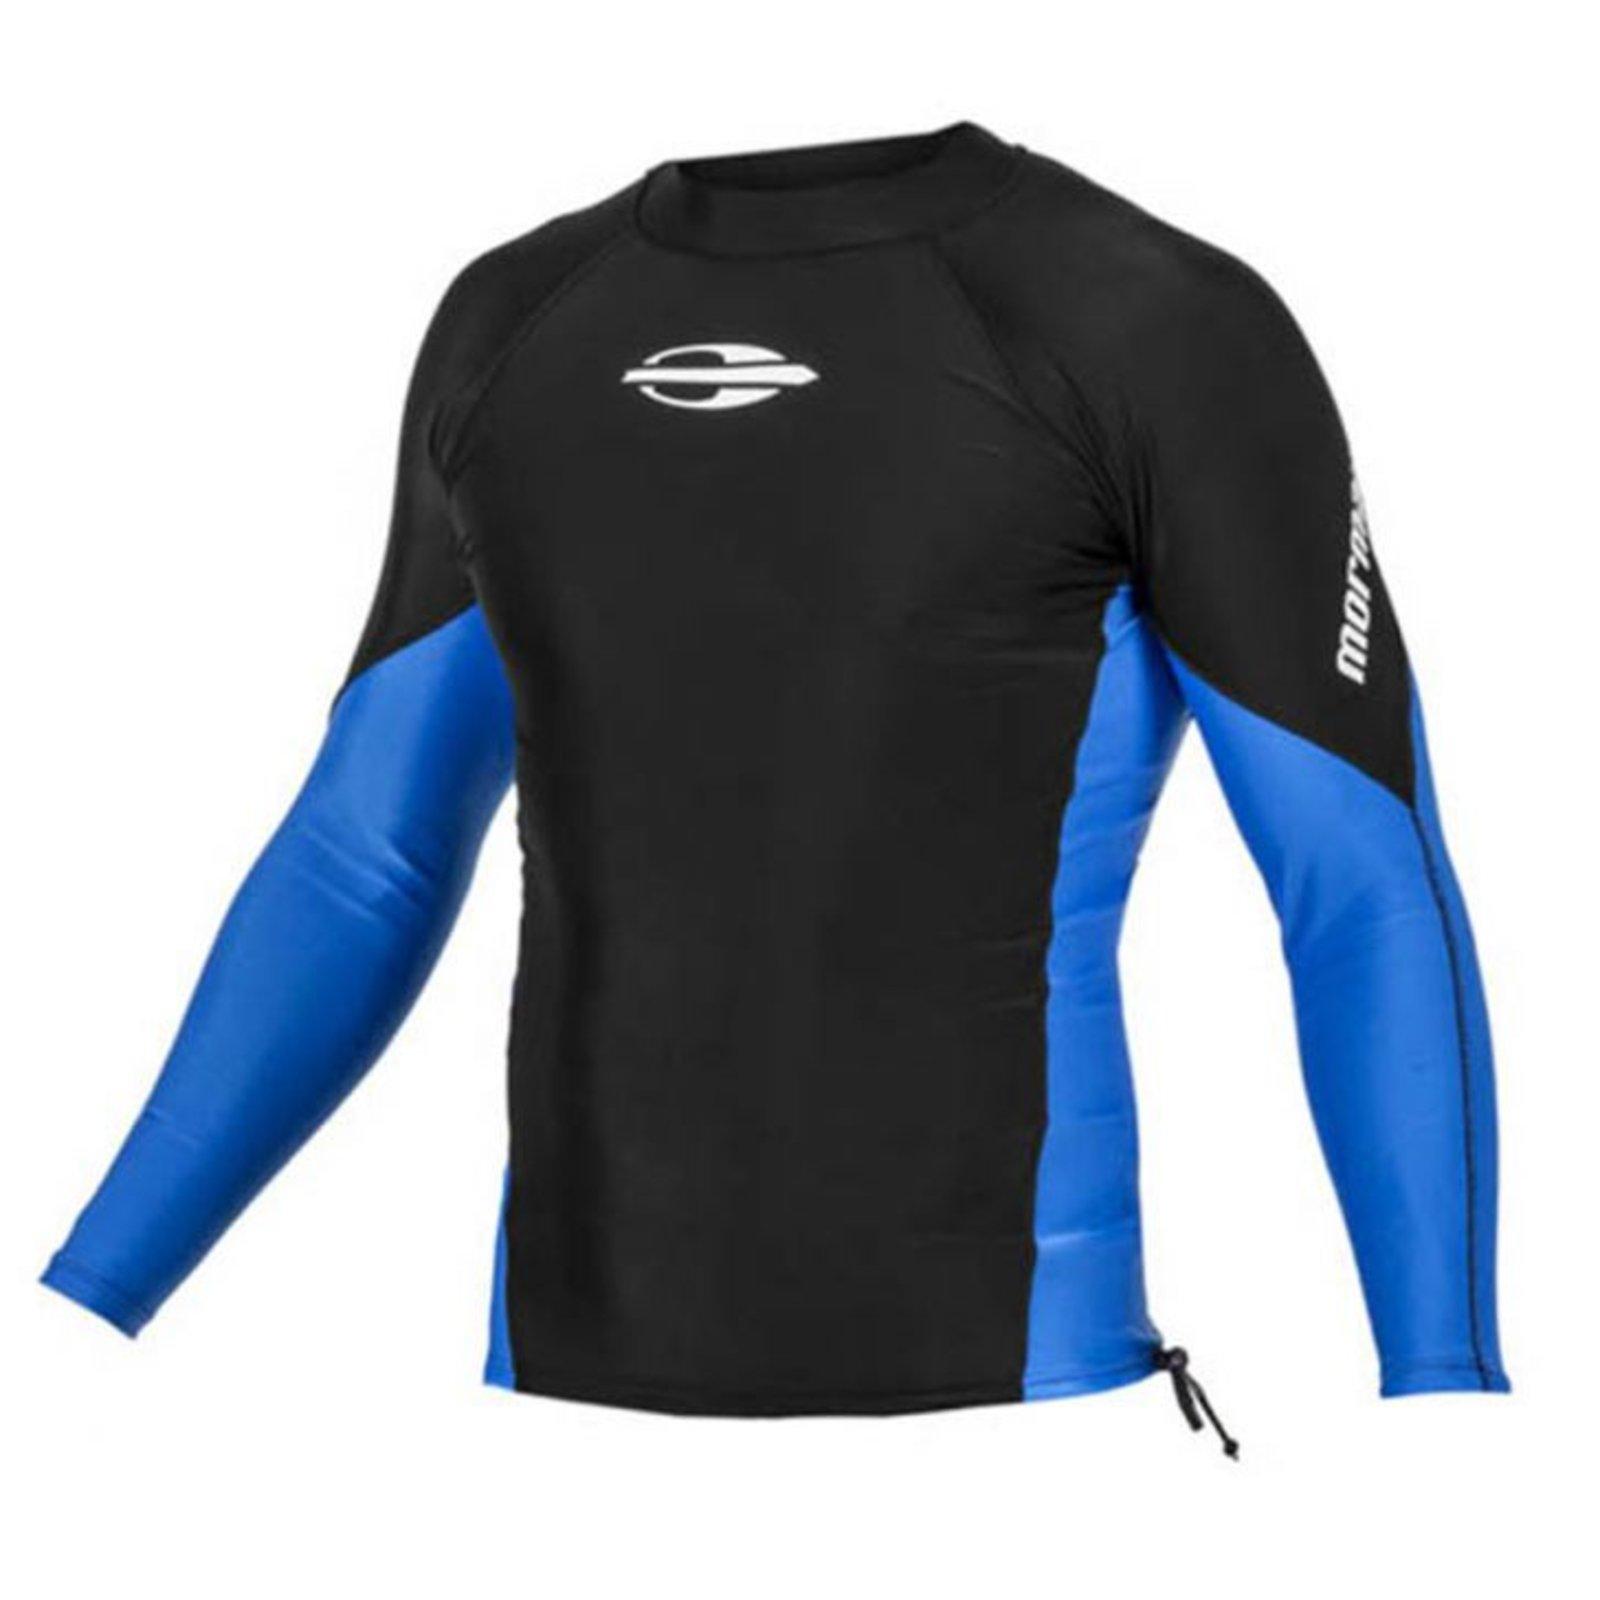 35e643428ea83 Camiseta Lycra Mormaii Extra Line UV Protection Preto Azul - Compre Agora